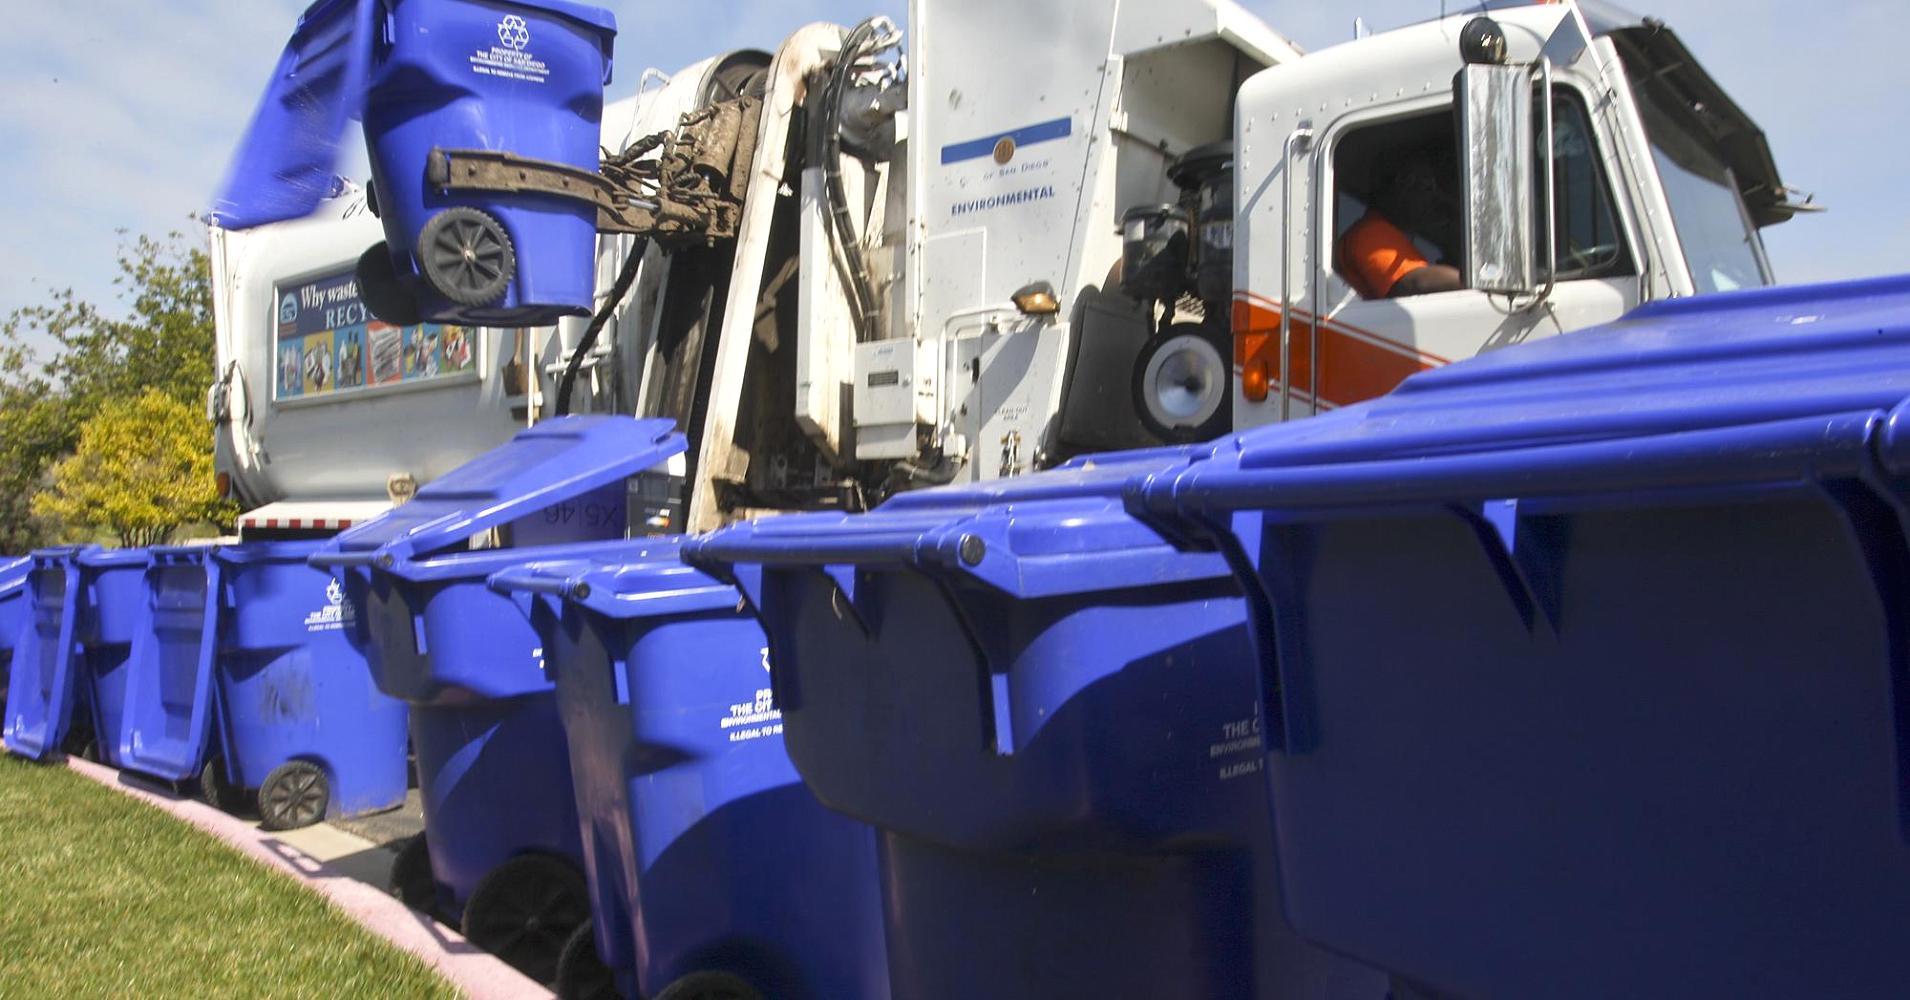 لماذا صناعة إعادة التدوير مُهمَلة للغاية تلك الأيام؟